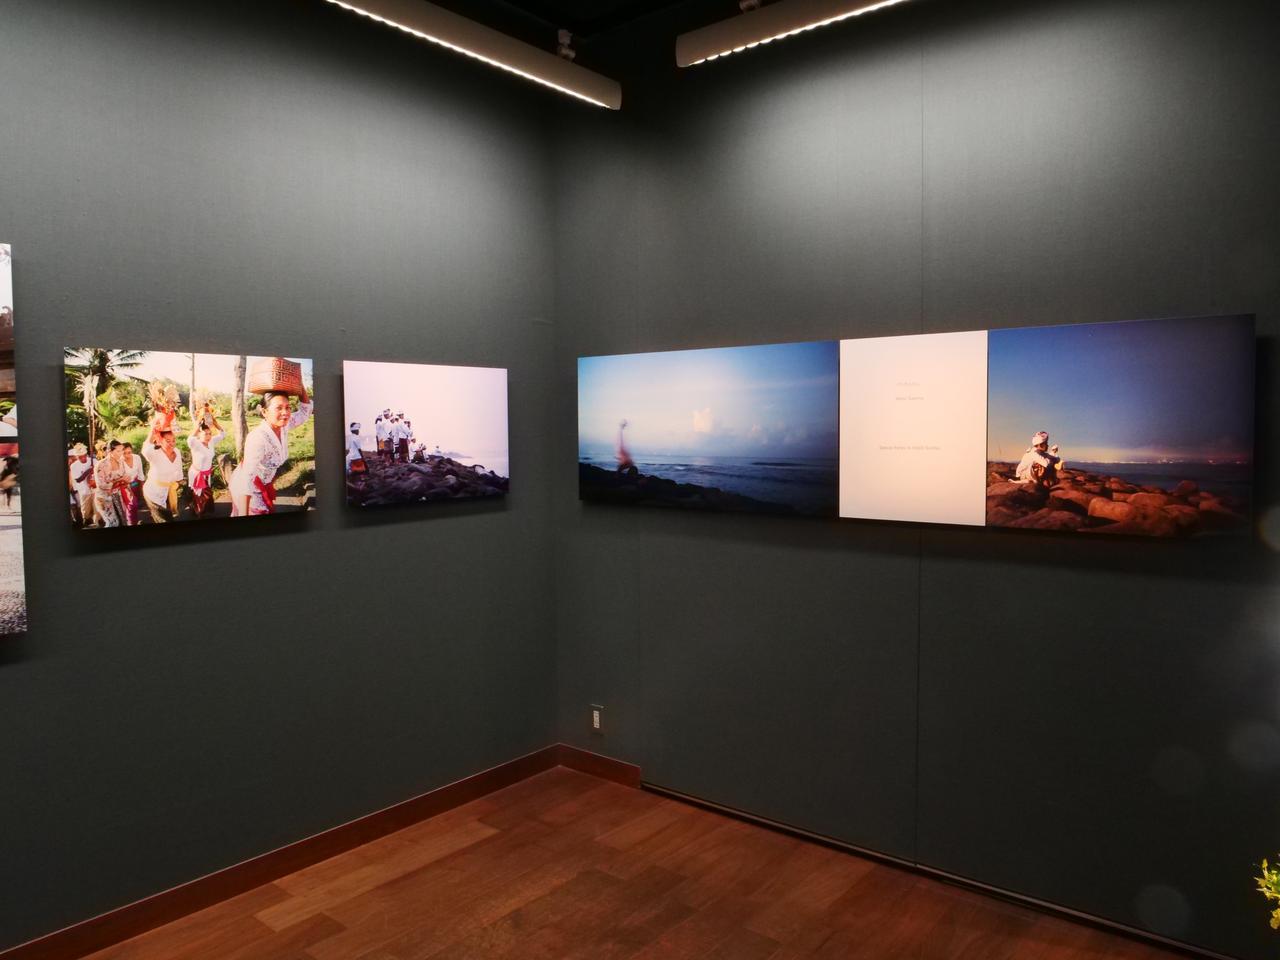 画像2: 島田真希写真展「DAY AFTER DAY -神、人、人、人- BALI  INDONESIA」がキヤノンギャラリー銀座で本日(6/7)より開催!